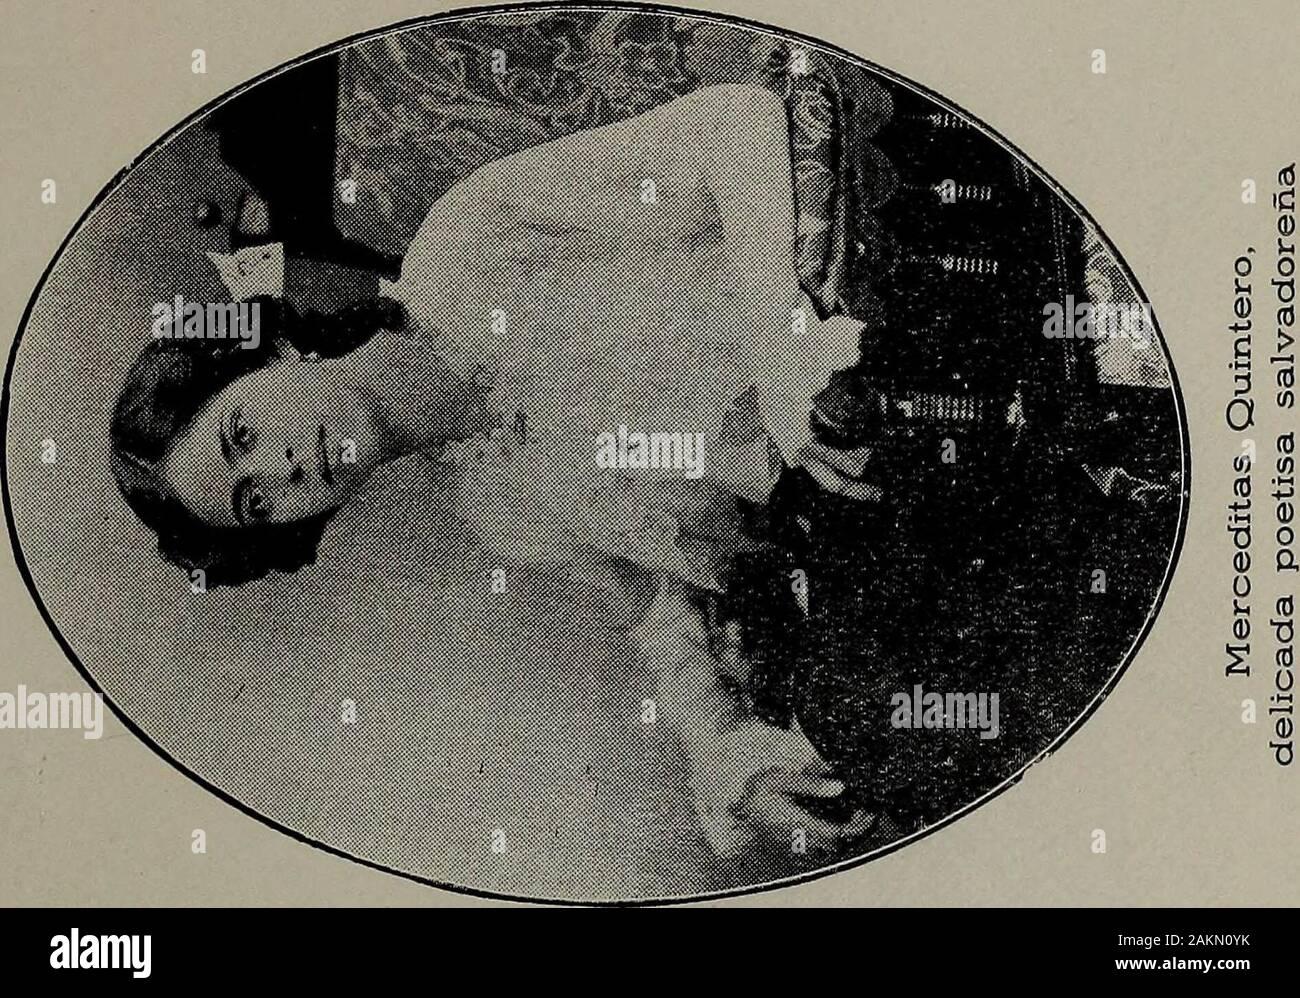 El Salvador al vuelo; notas, impresiones y perfilesRepublica de El Salvador, América Central, 1917 . María Albertina Dubois. Foto de stock